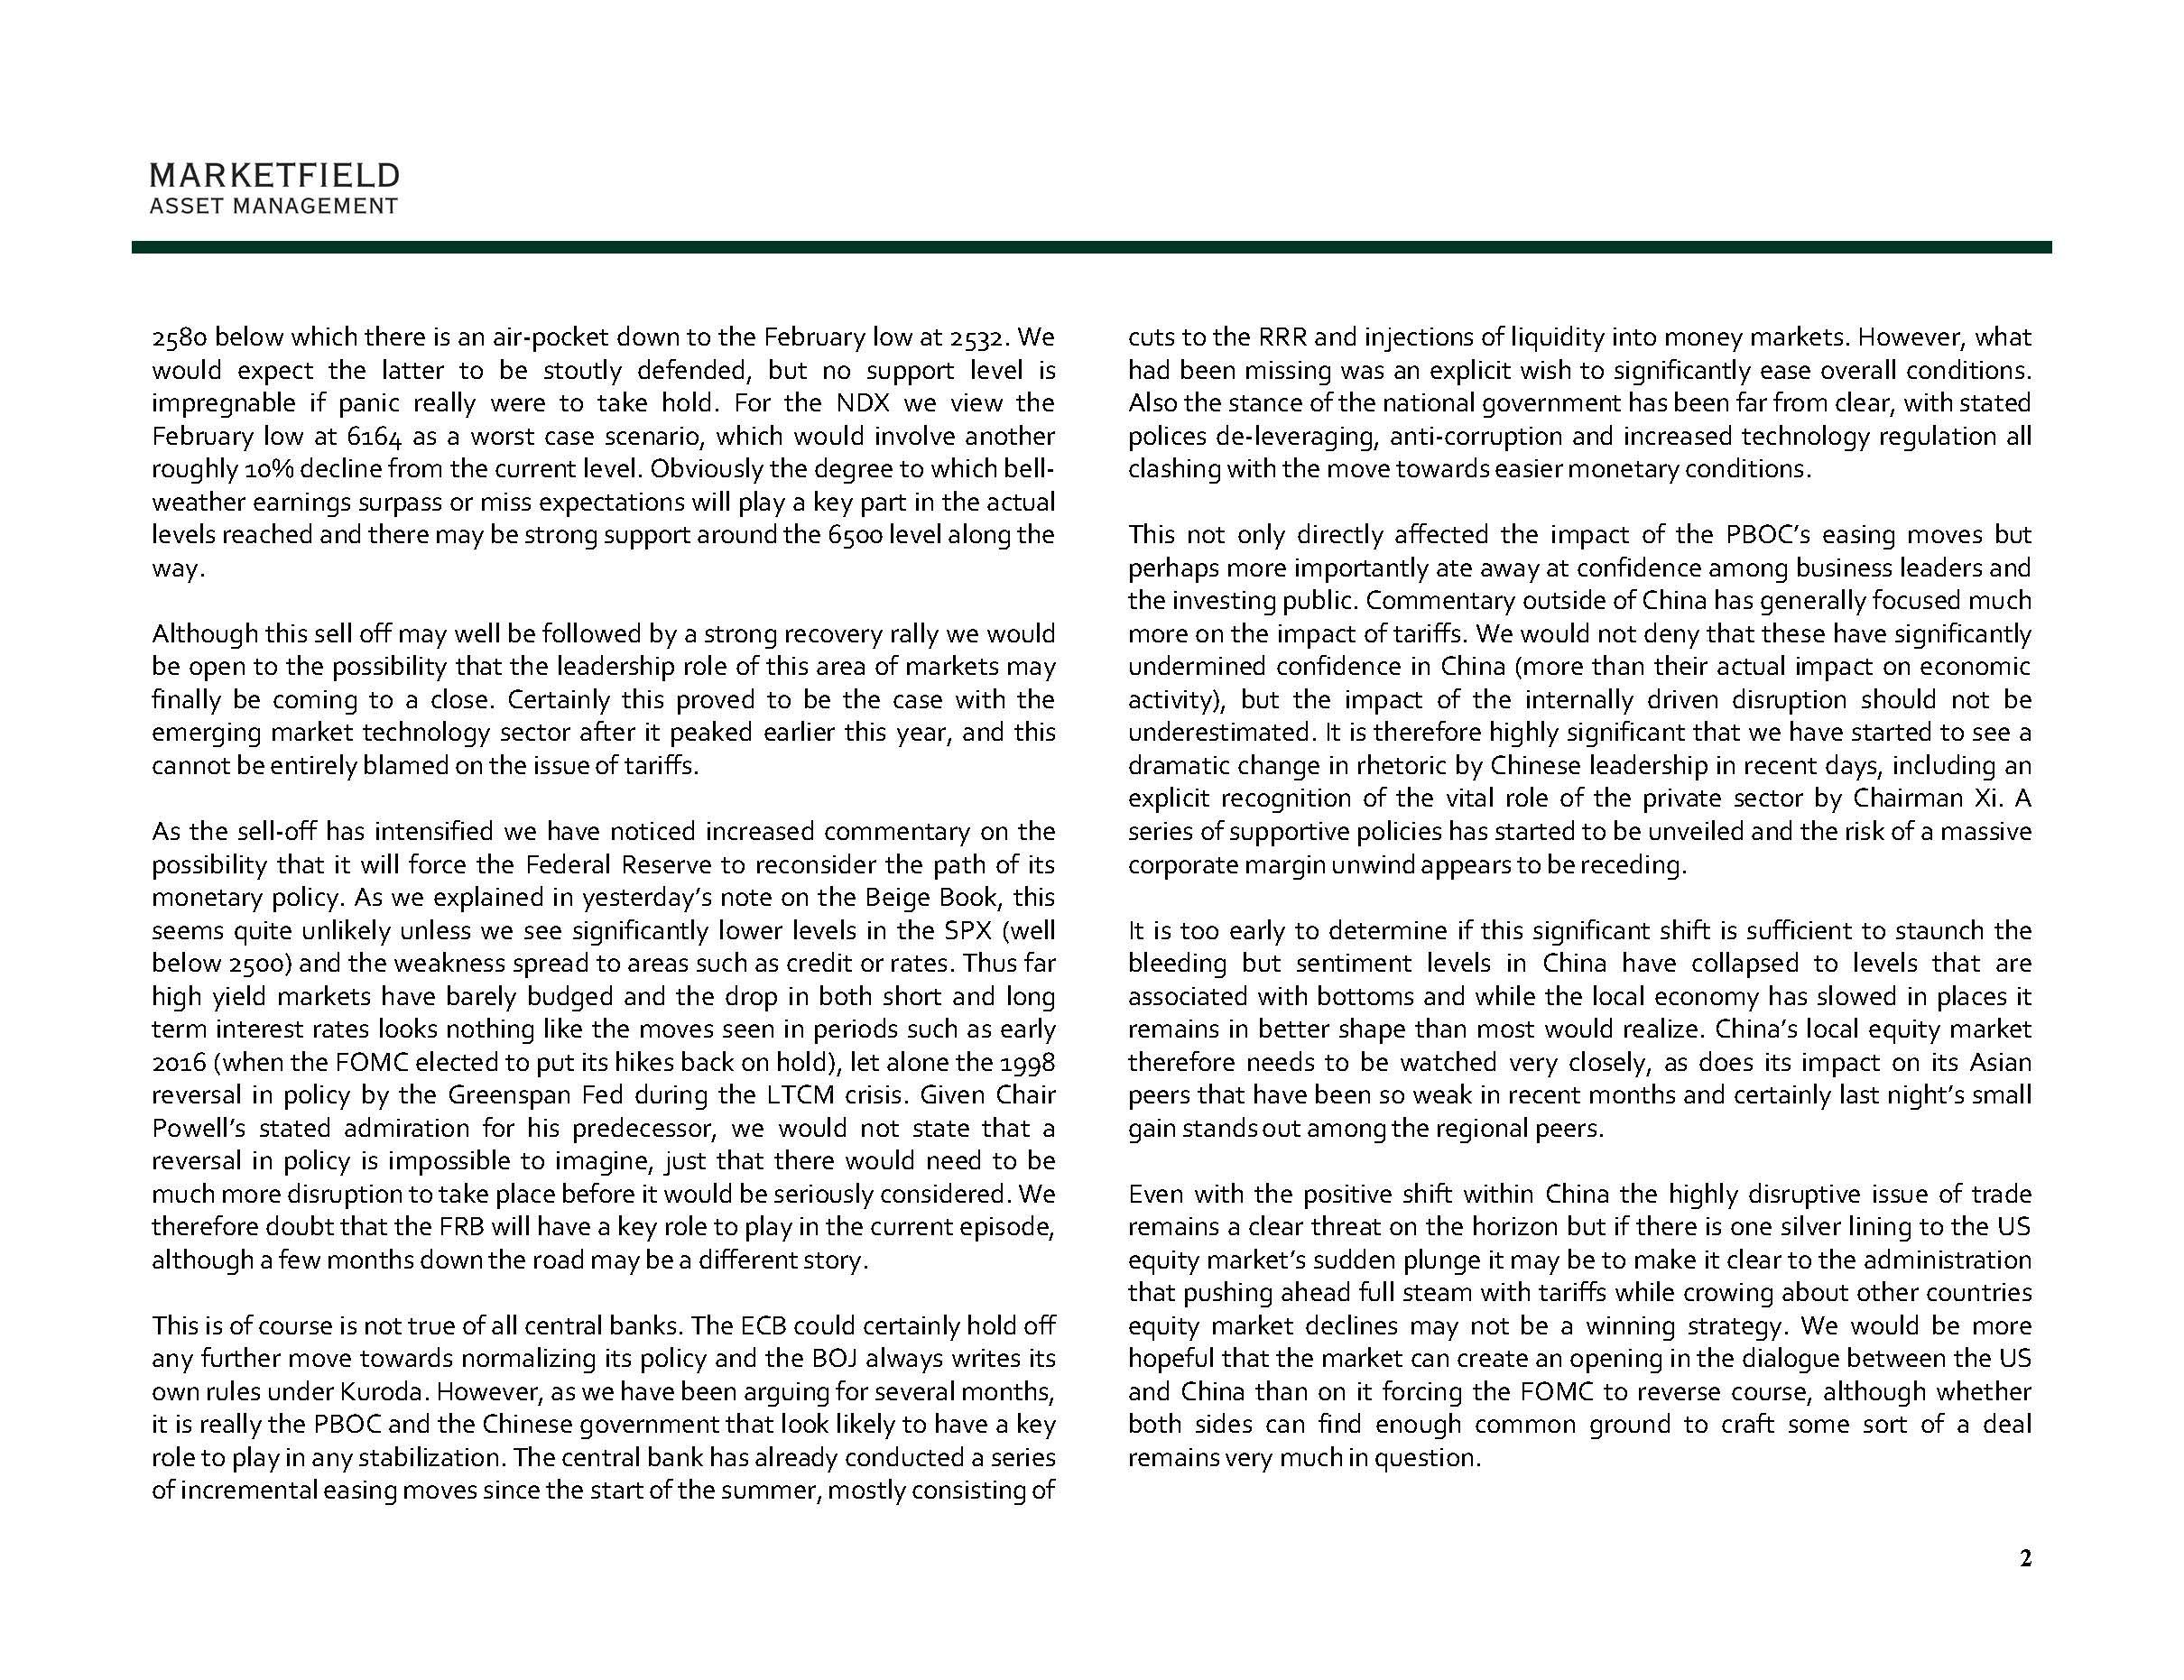 10-25-18_Weekly Speculator_Page_02.jpg